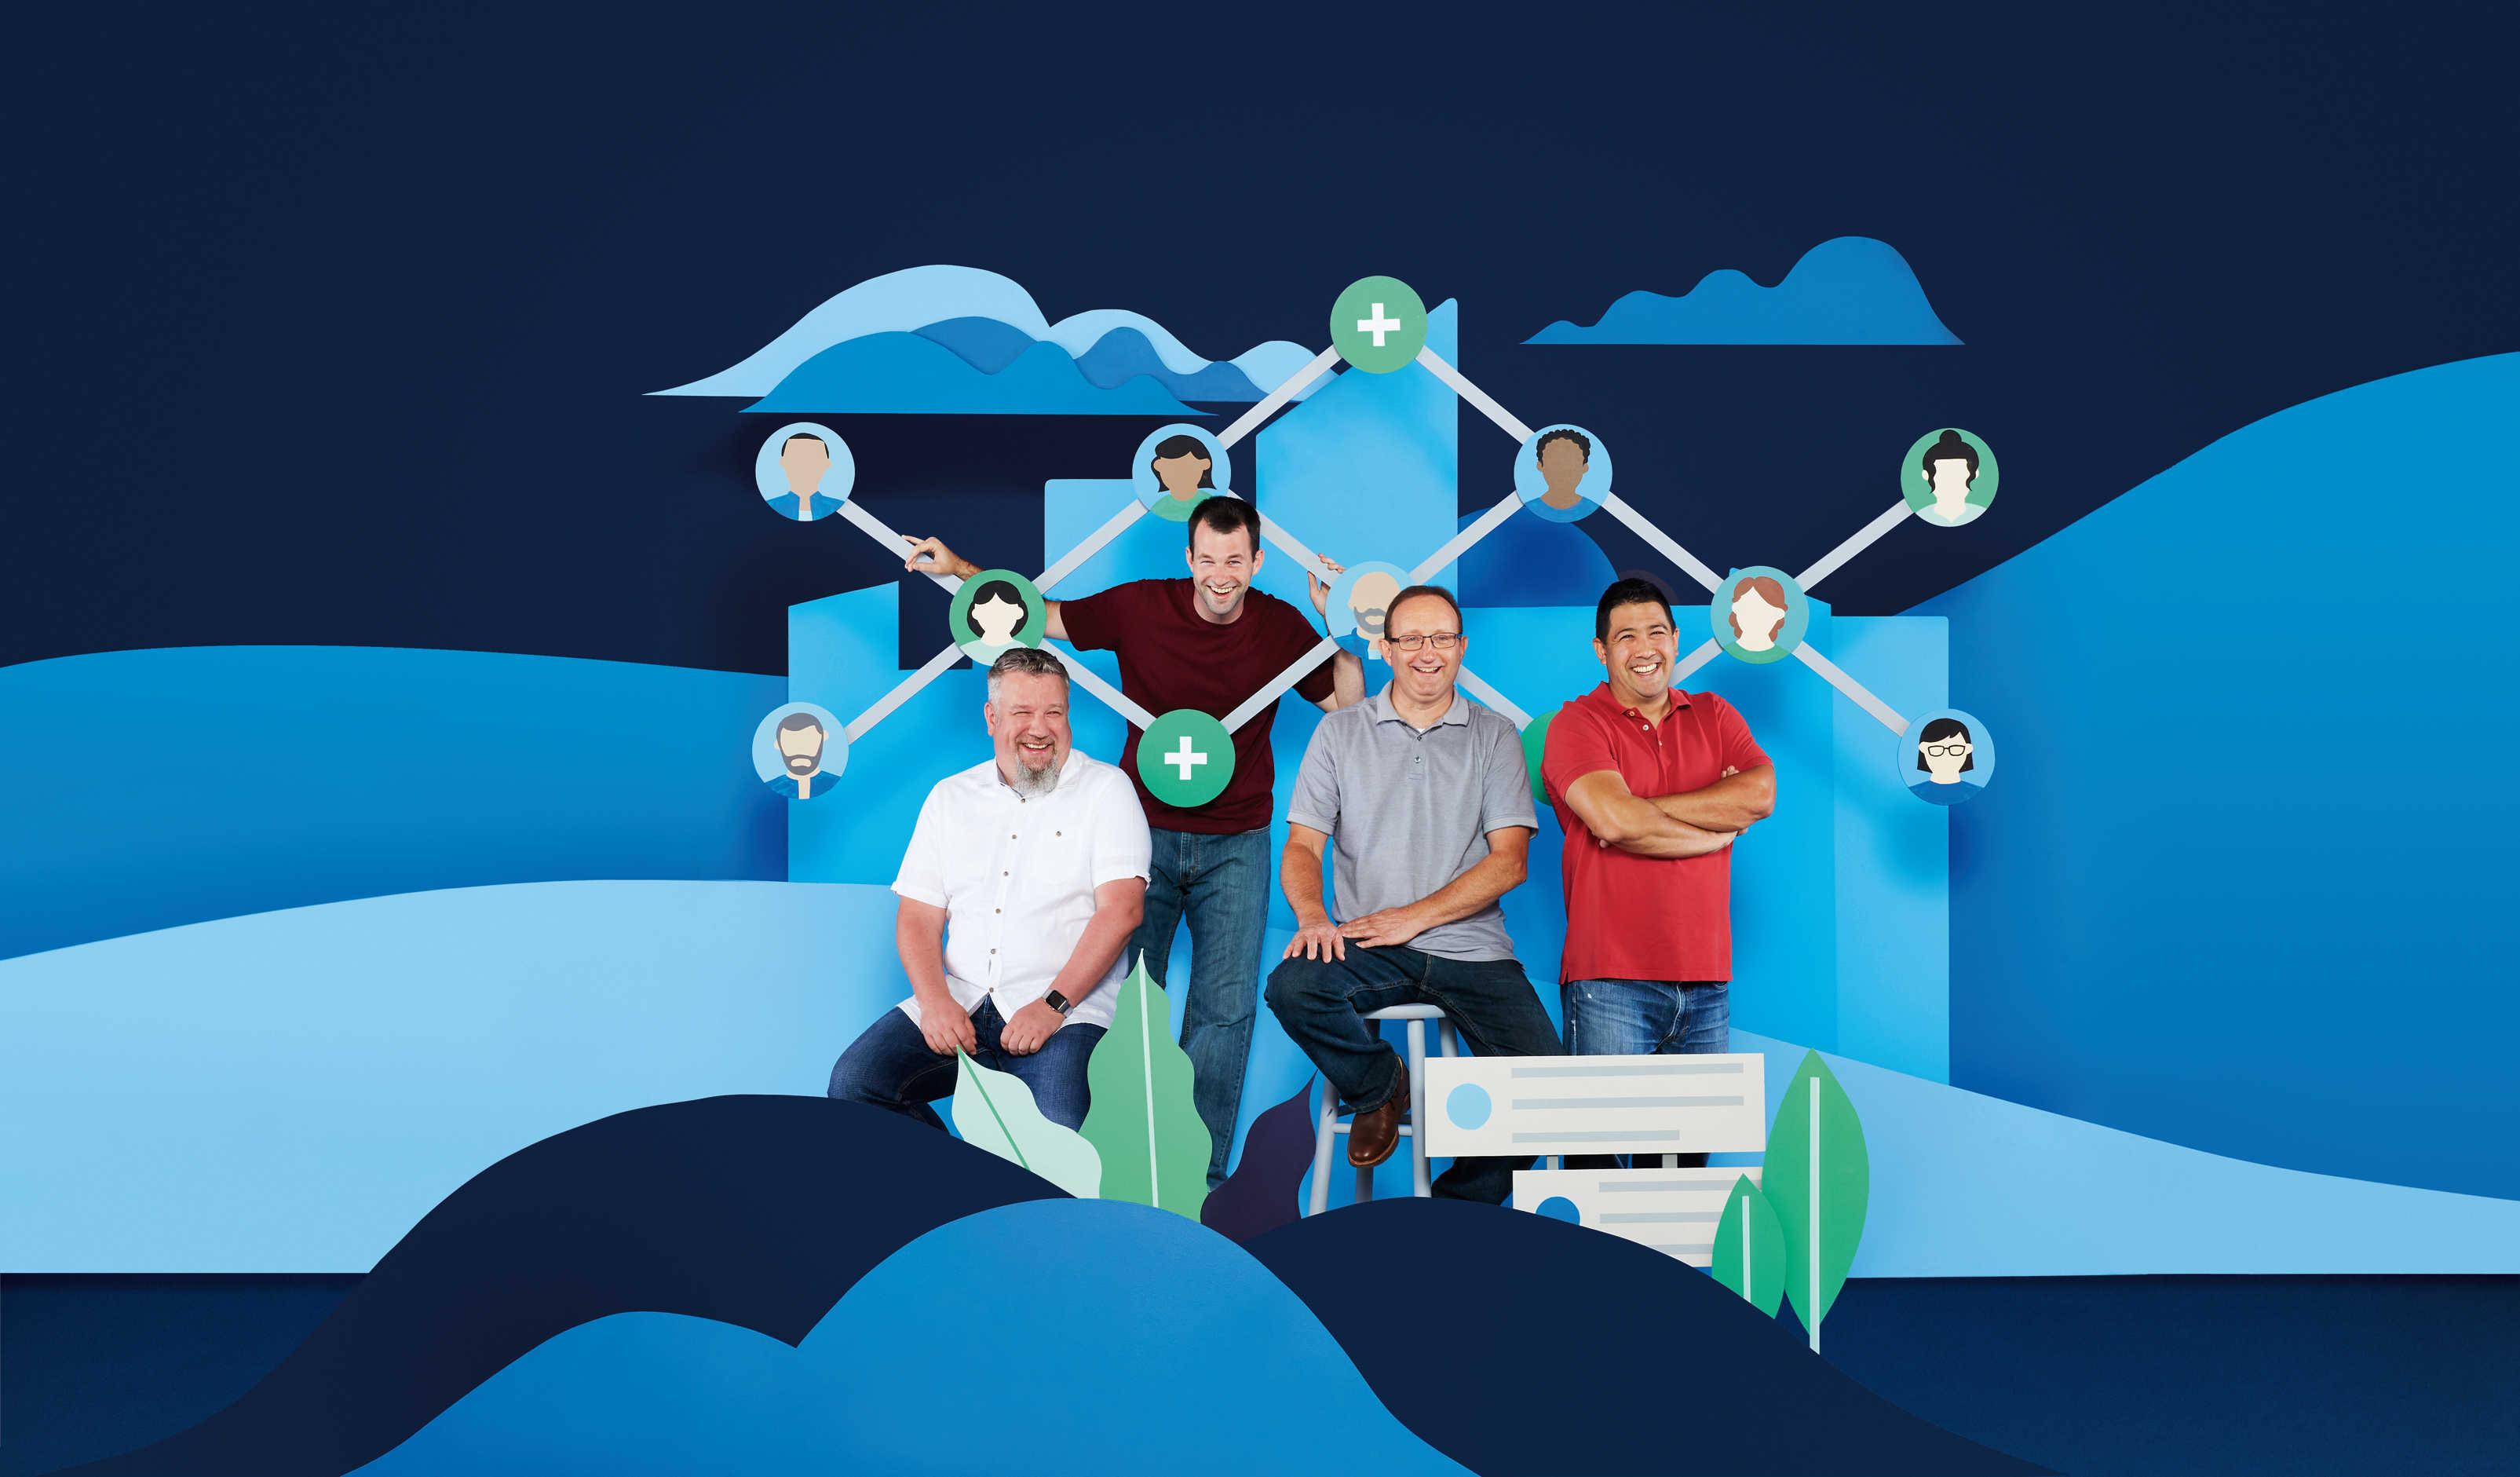 Nézd meg, hogyan használta a LinkedIn az Atlassian nagyvállalati termékeit az 500 milliós tagságának kialakulásához vezető útja során